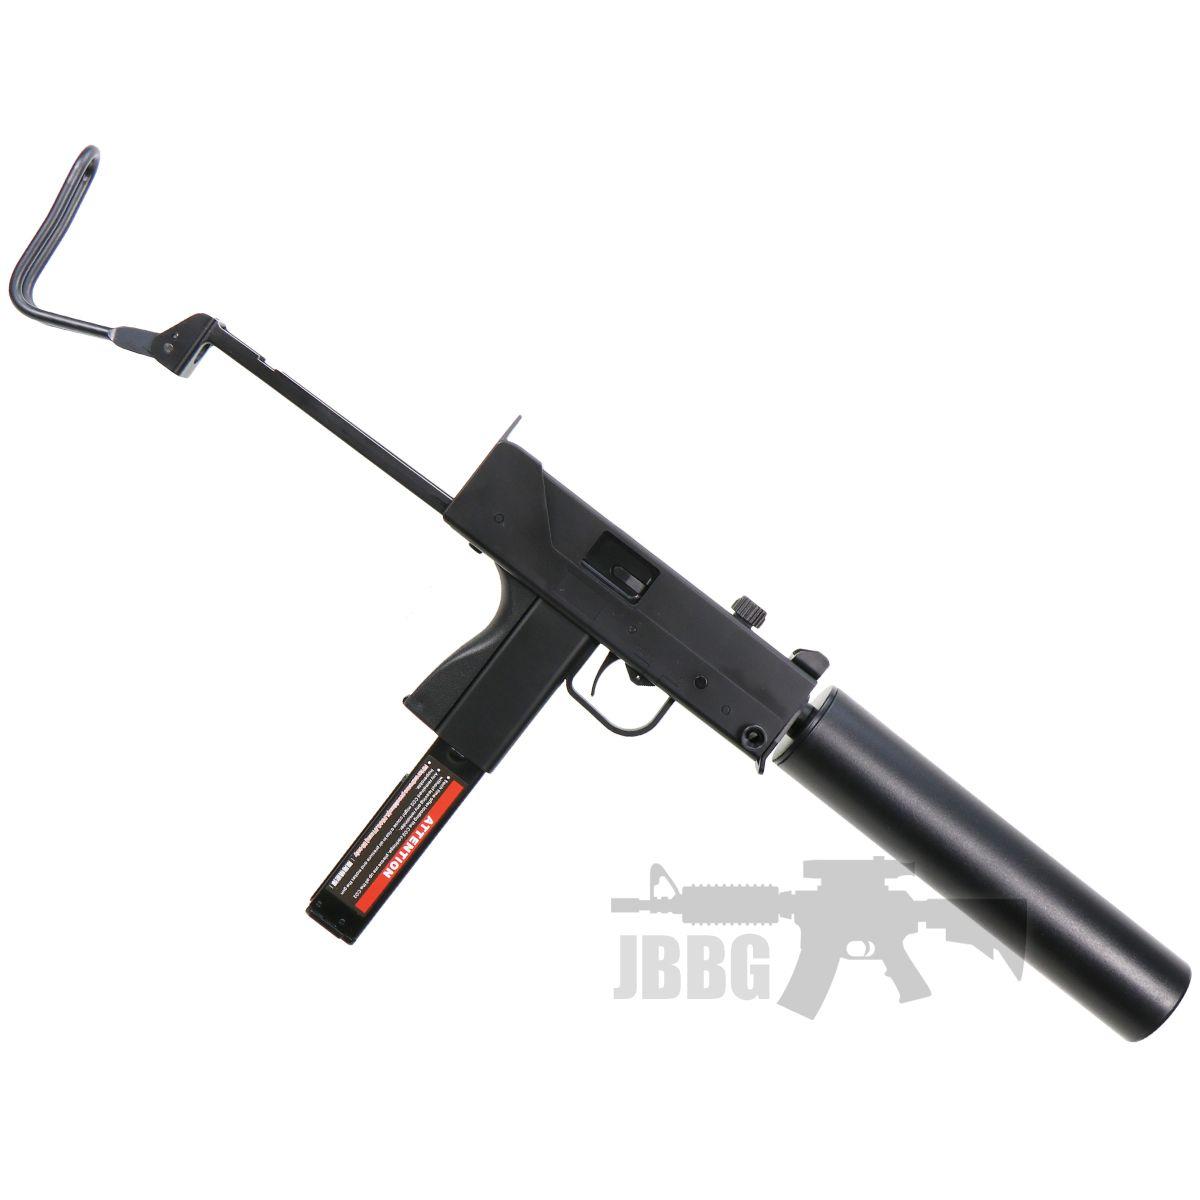 hg203 airsoft gun